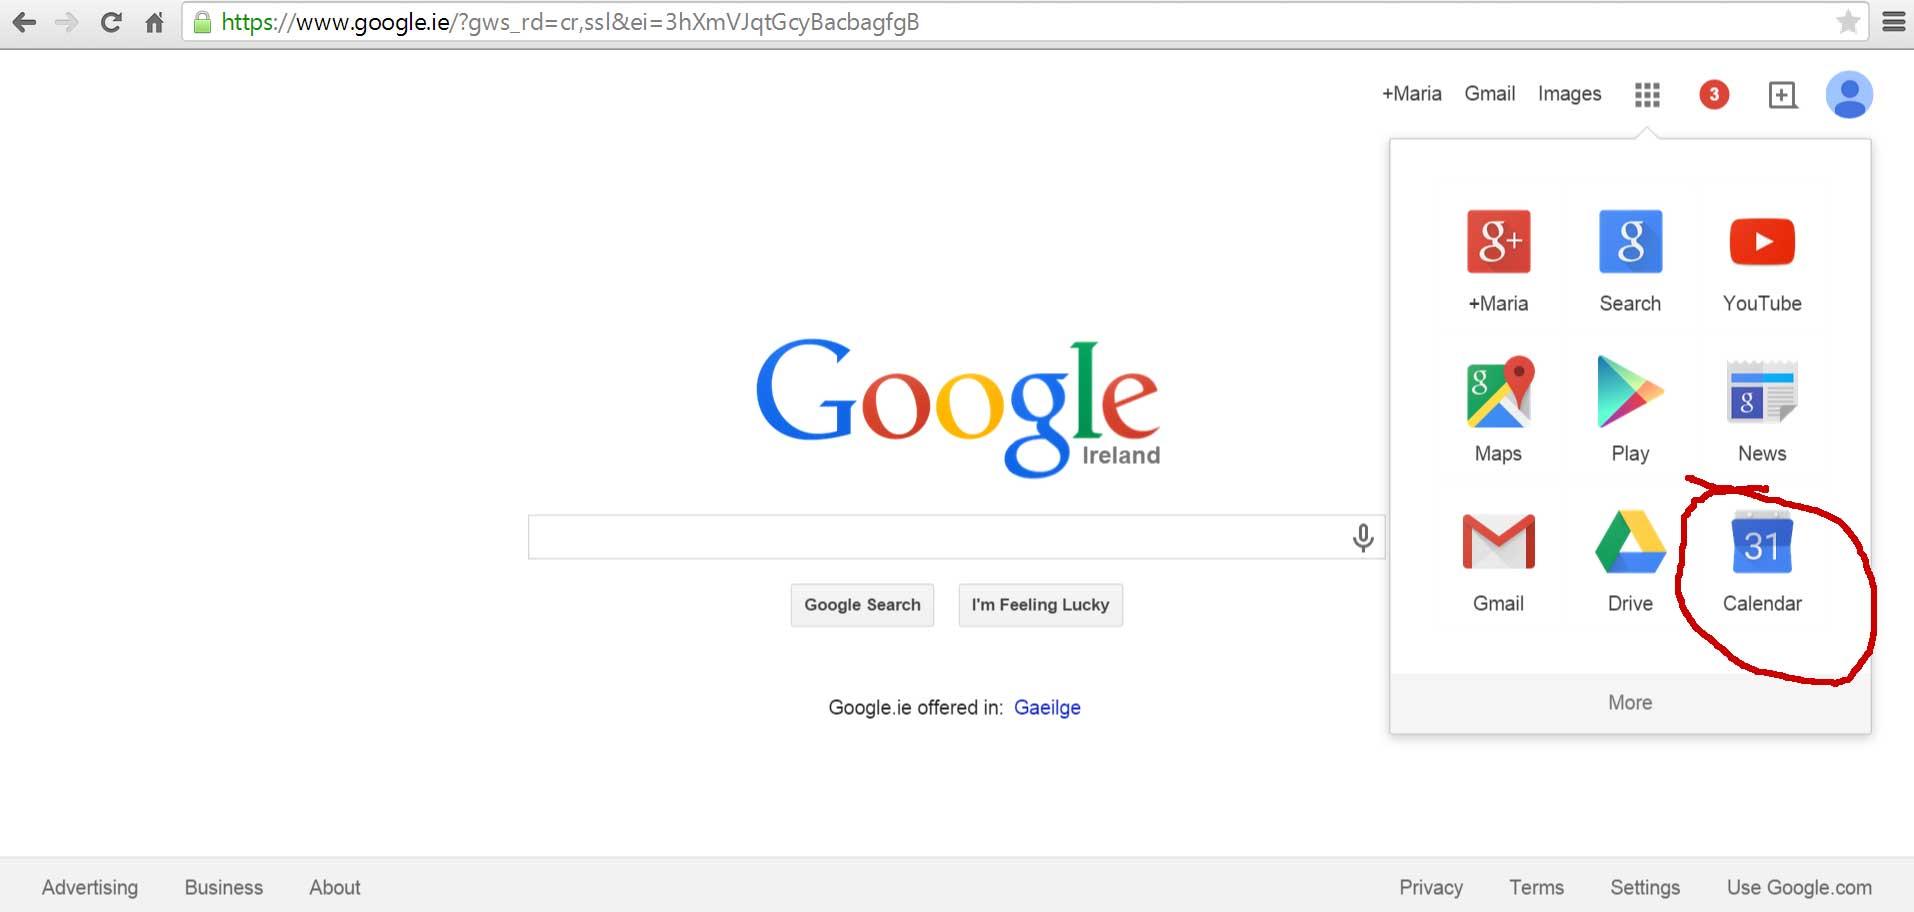 google-calander-icon